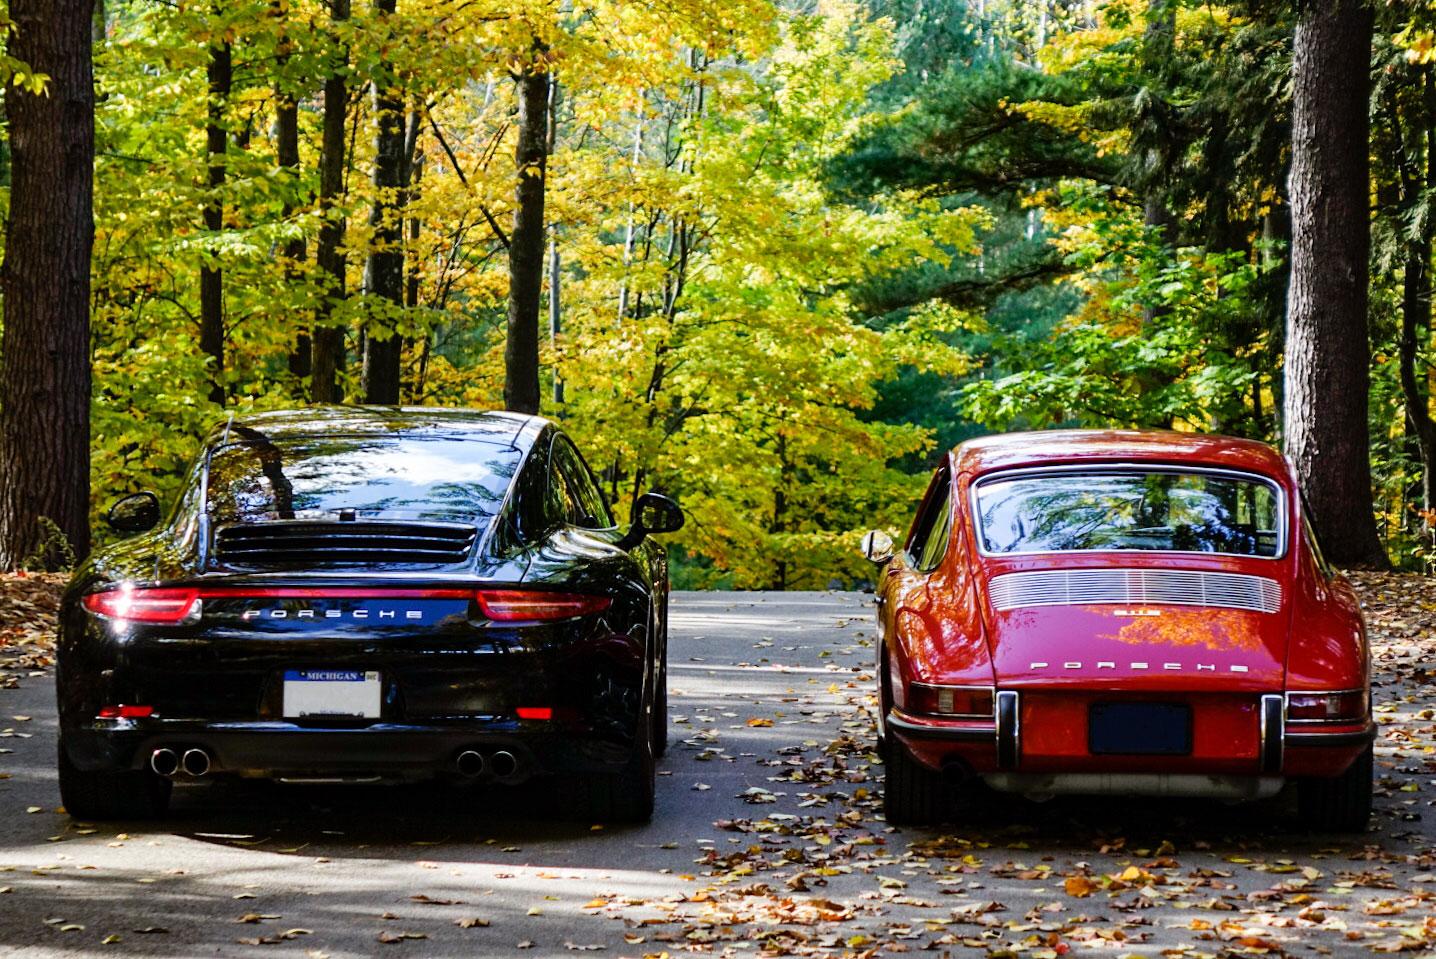 1967 Porsche 911S and 2013 Porsche 911 Carrera 4S rear